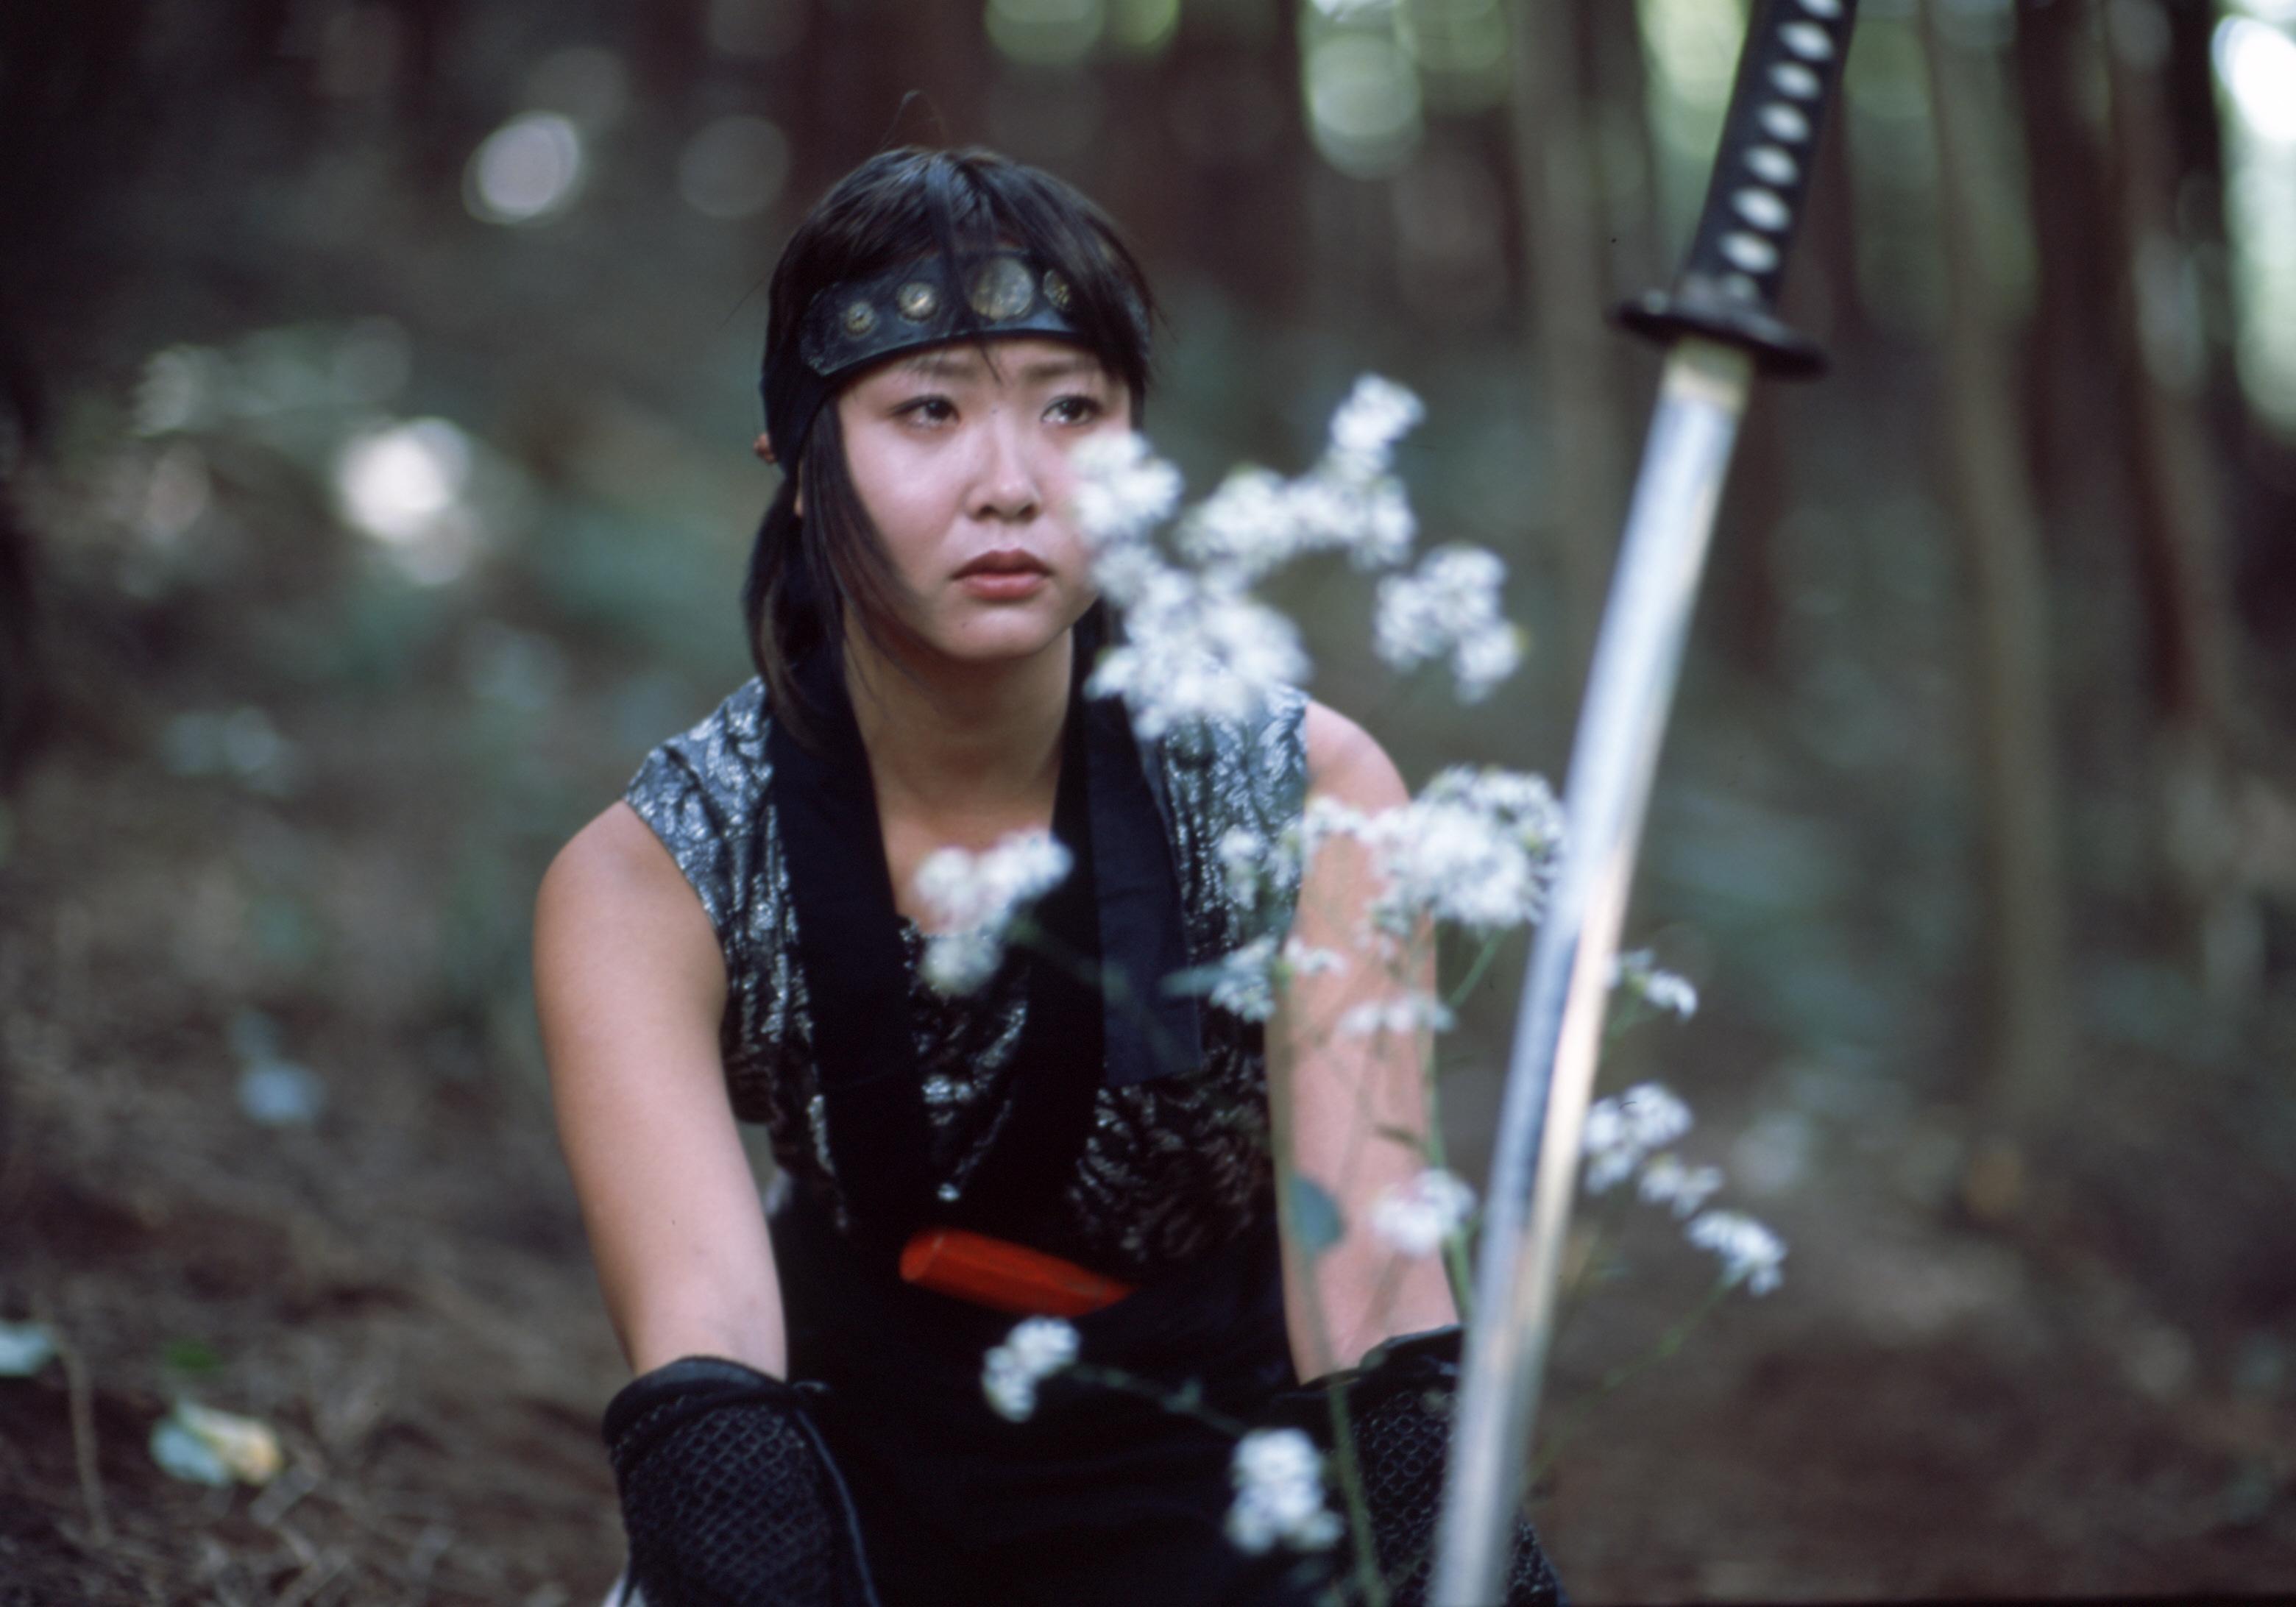 Ninja Pussy Cat (Ninja Warrior Vixen) -HD- DOWNLOAD TO OWN